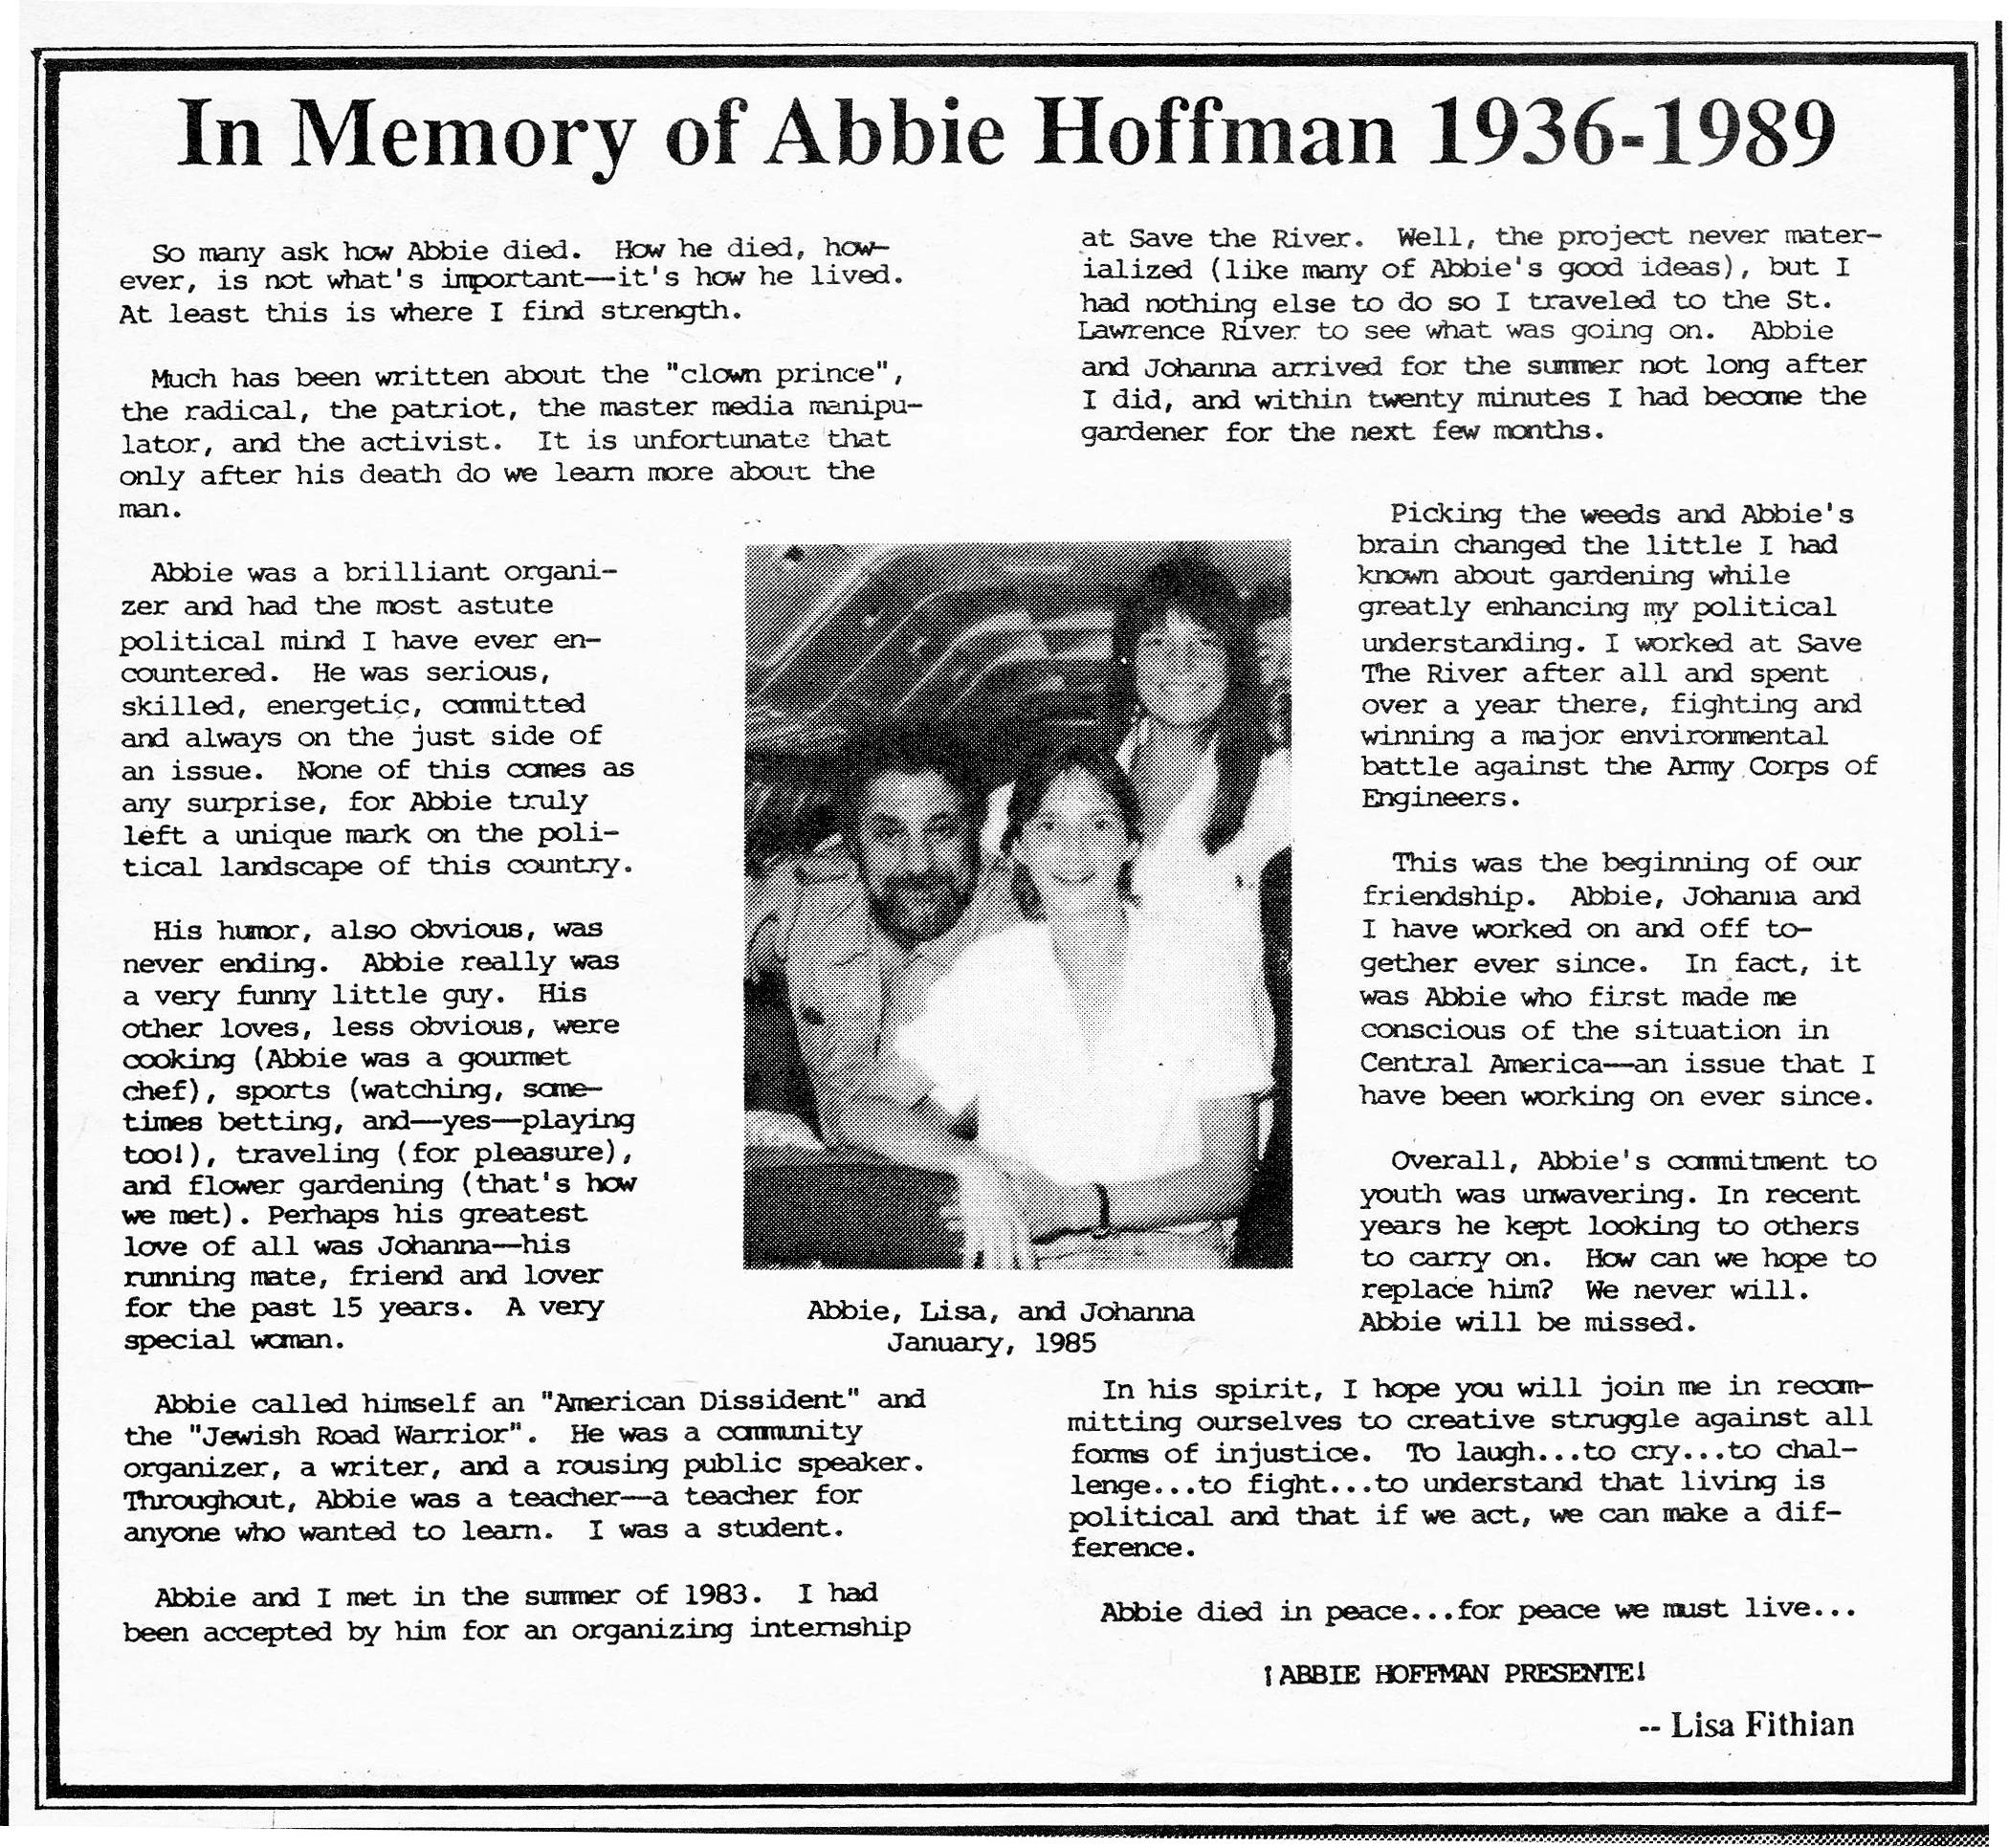 In Memory of Abbie by Lisa